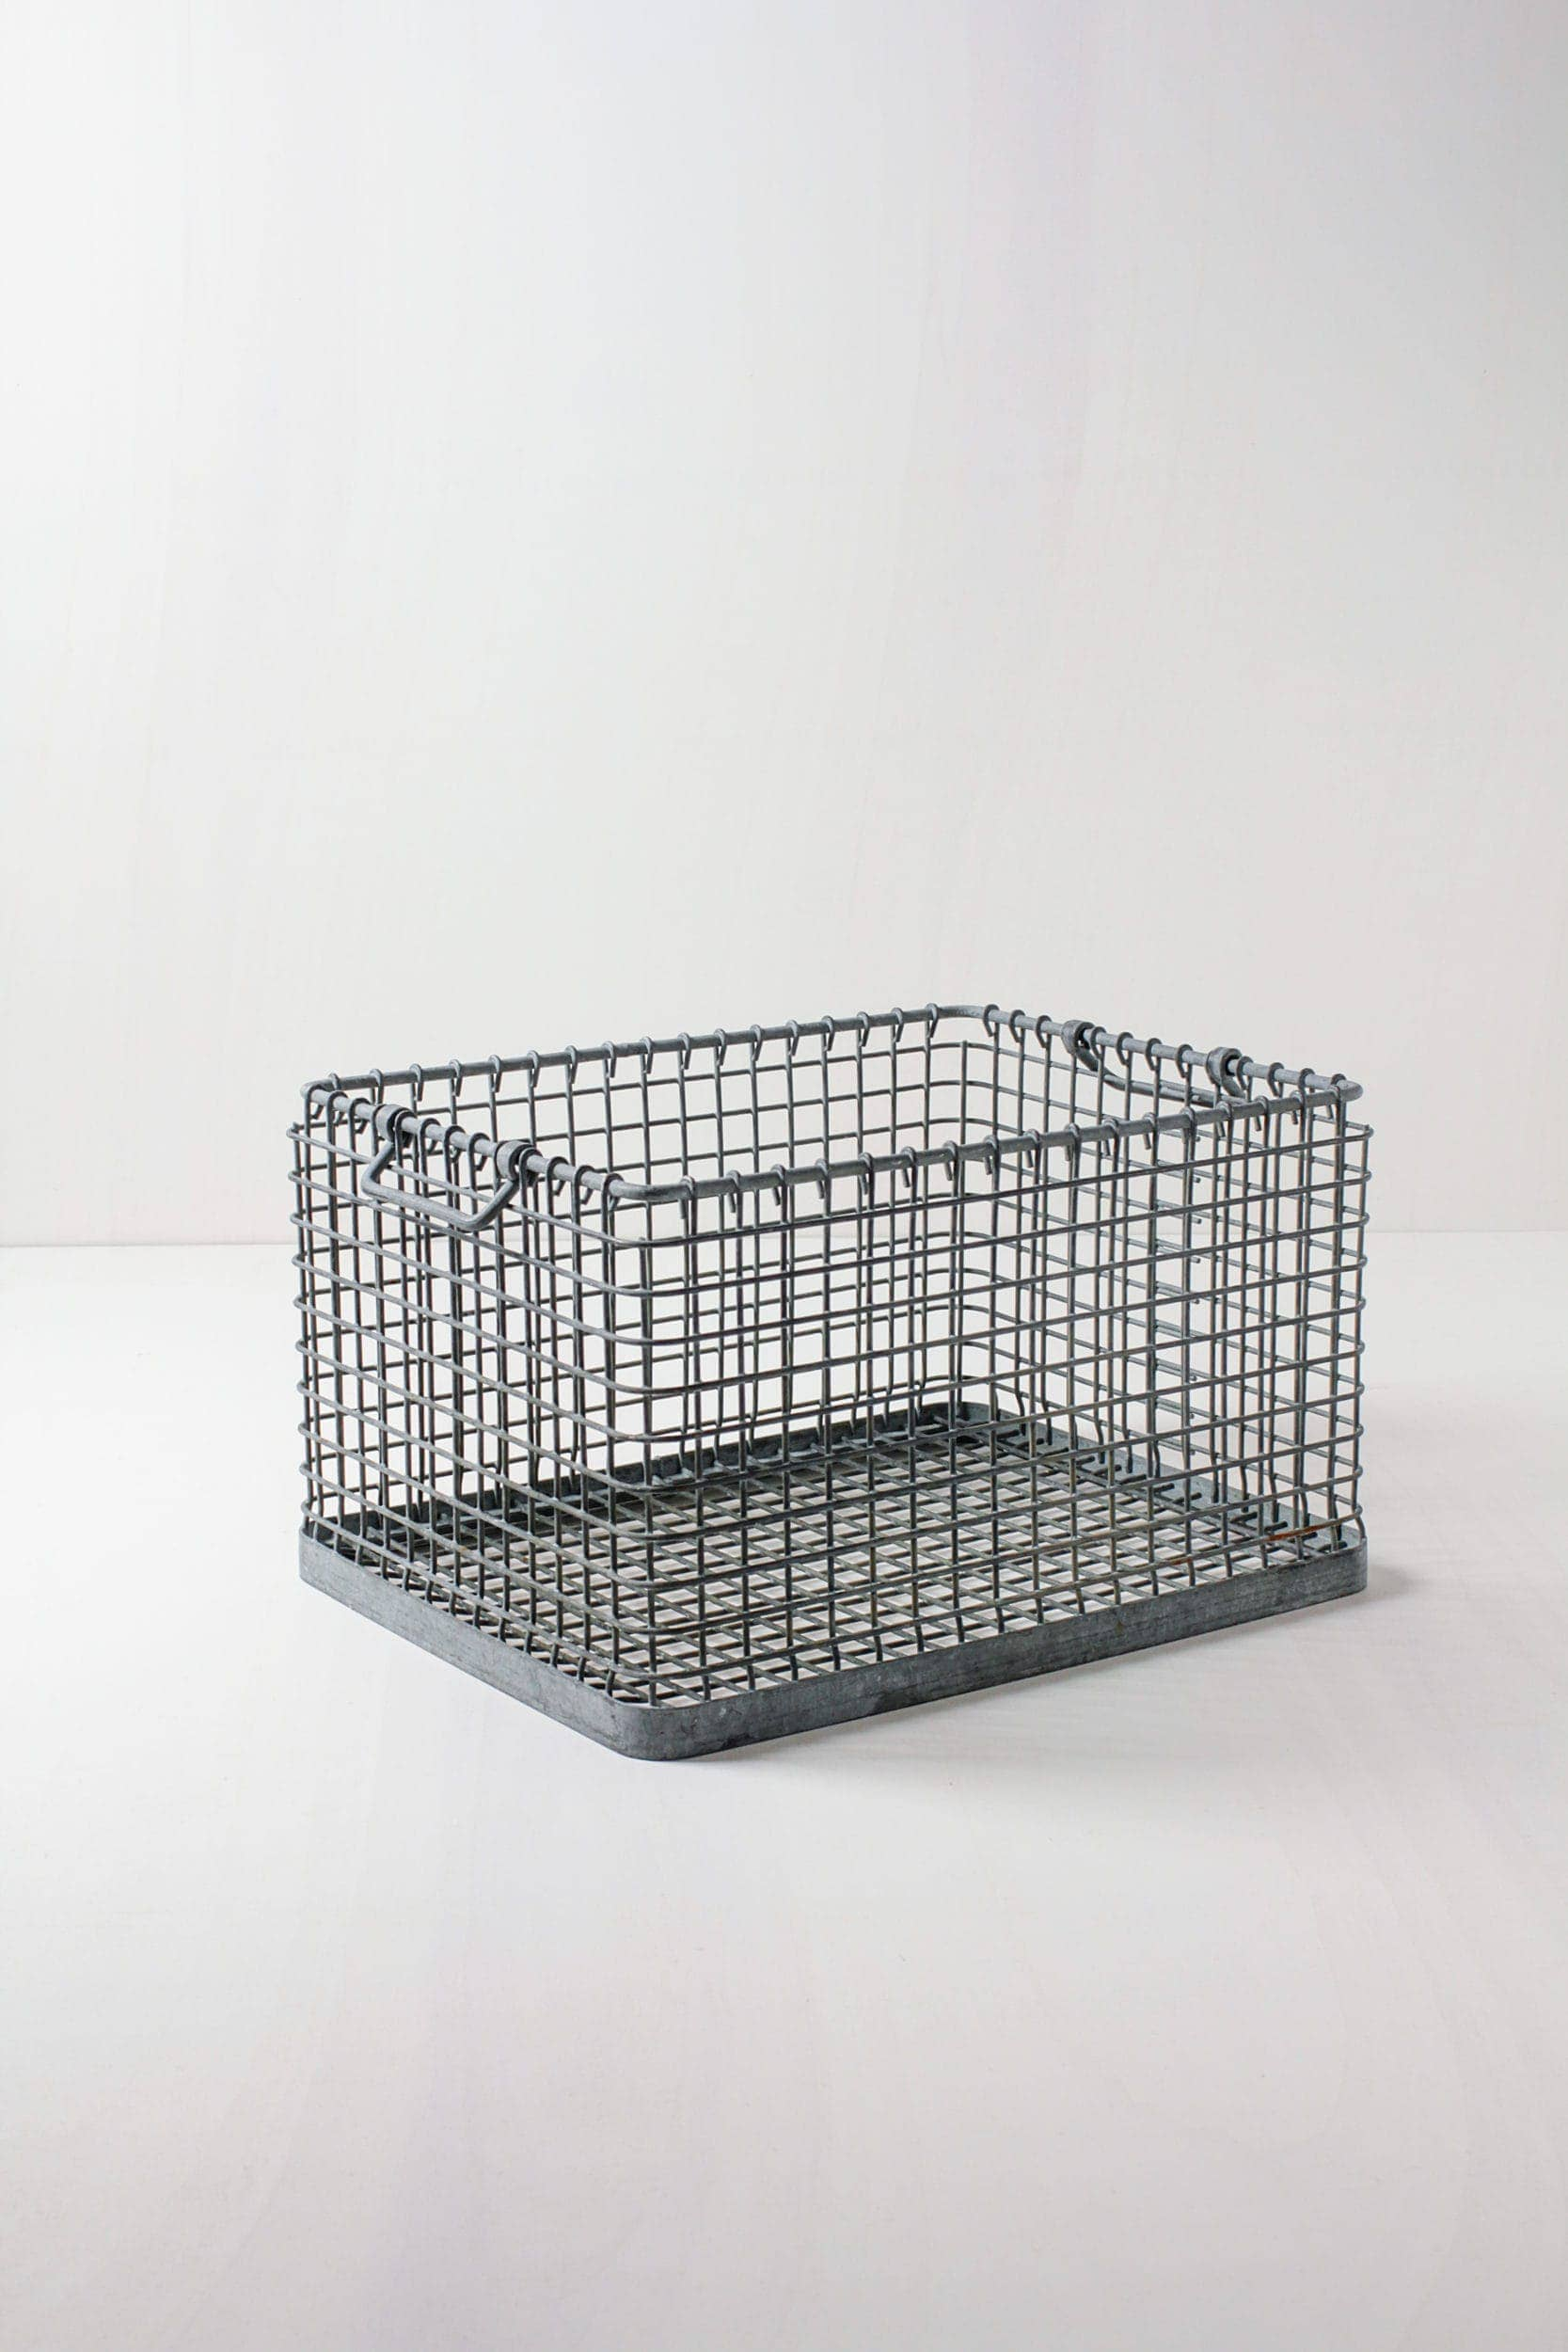 Eventdekortion mieten, Metallkörbe, Kisten und Truhen